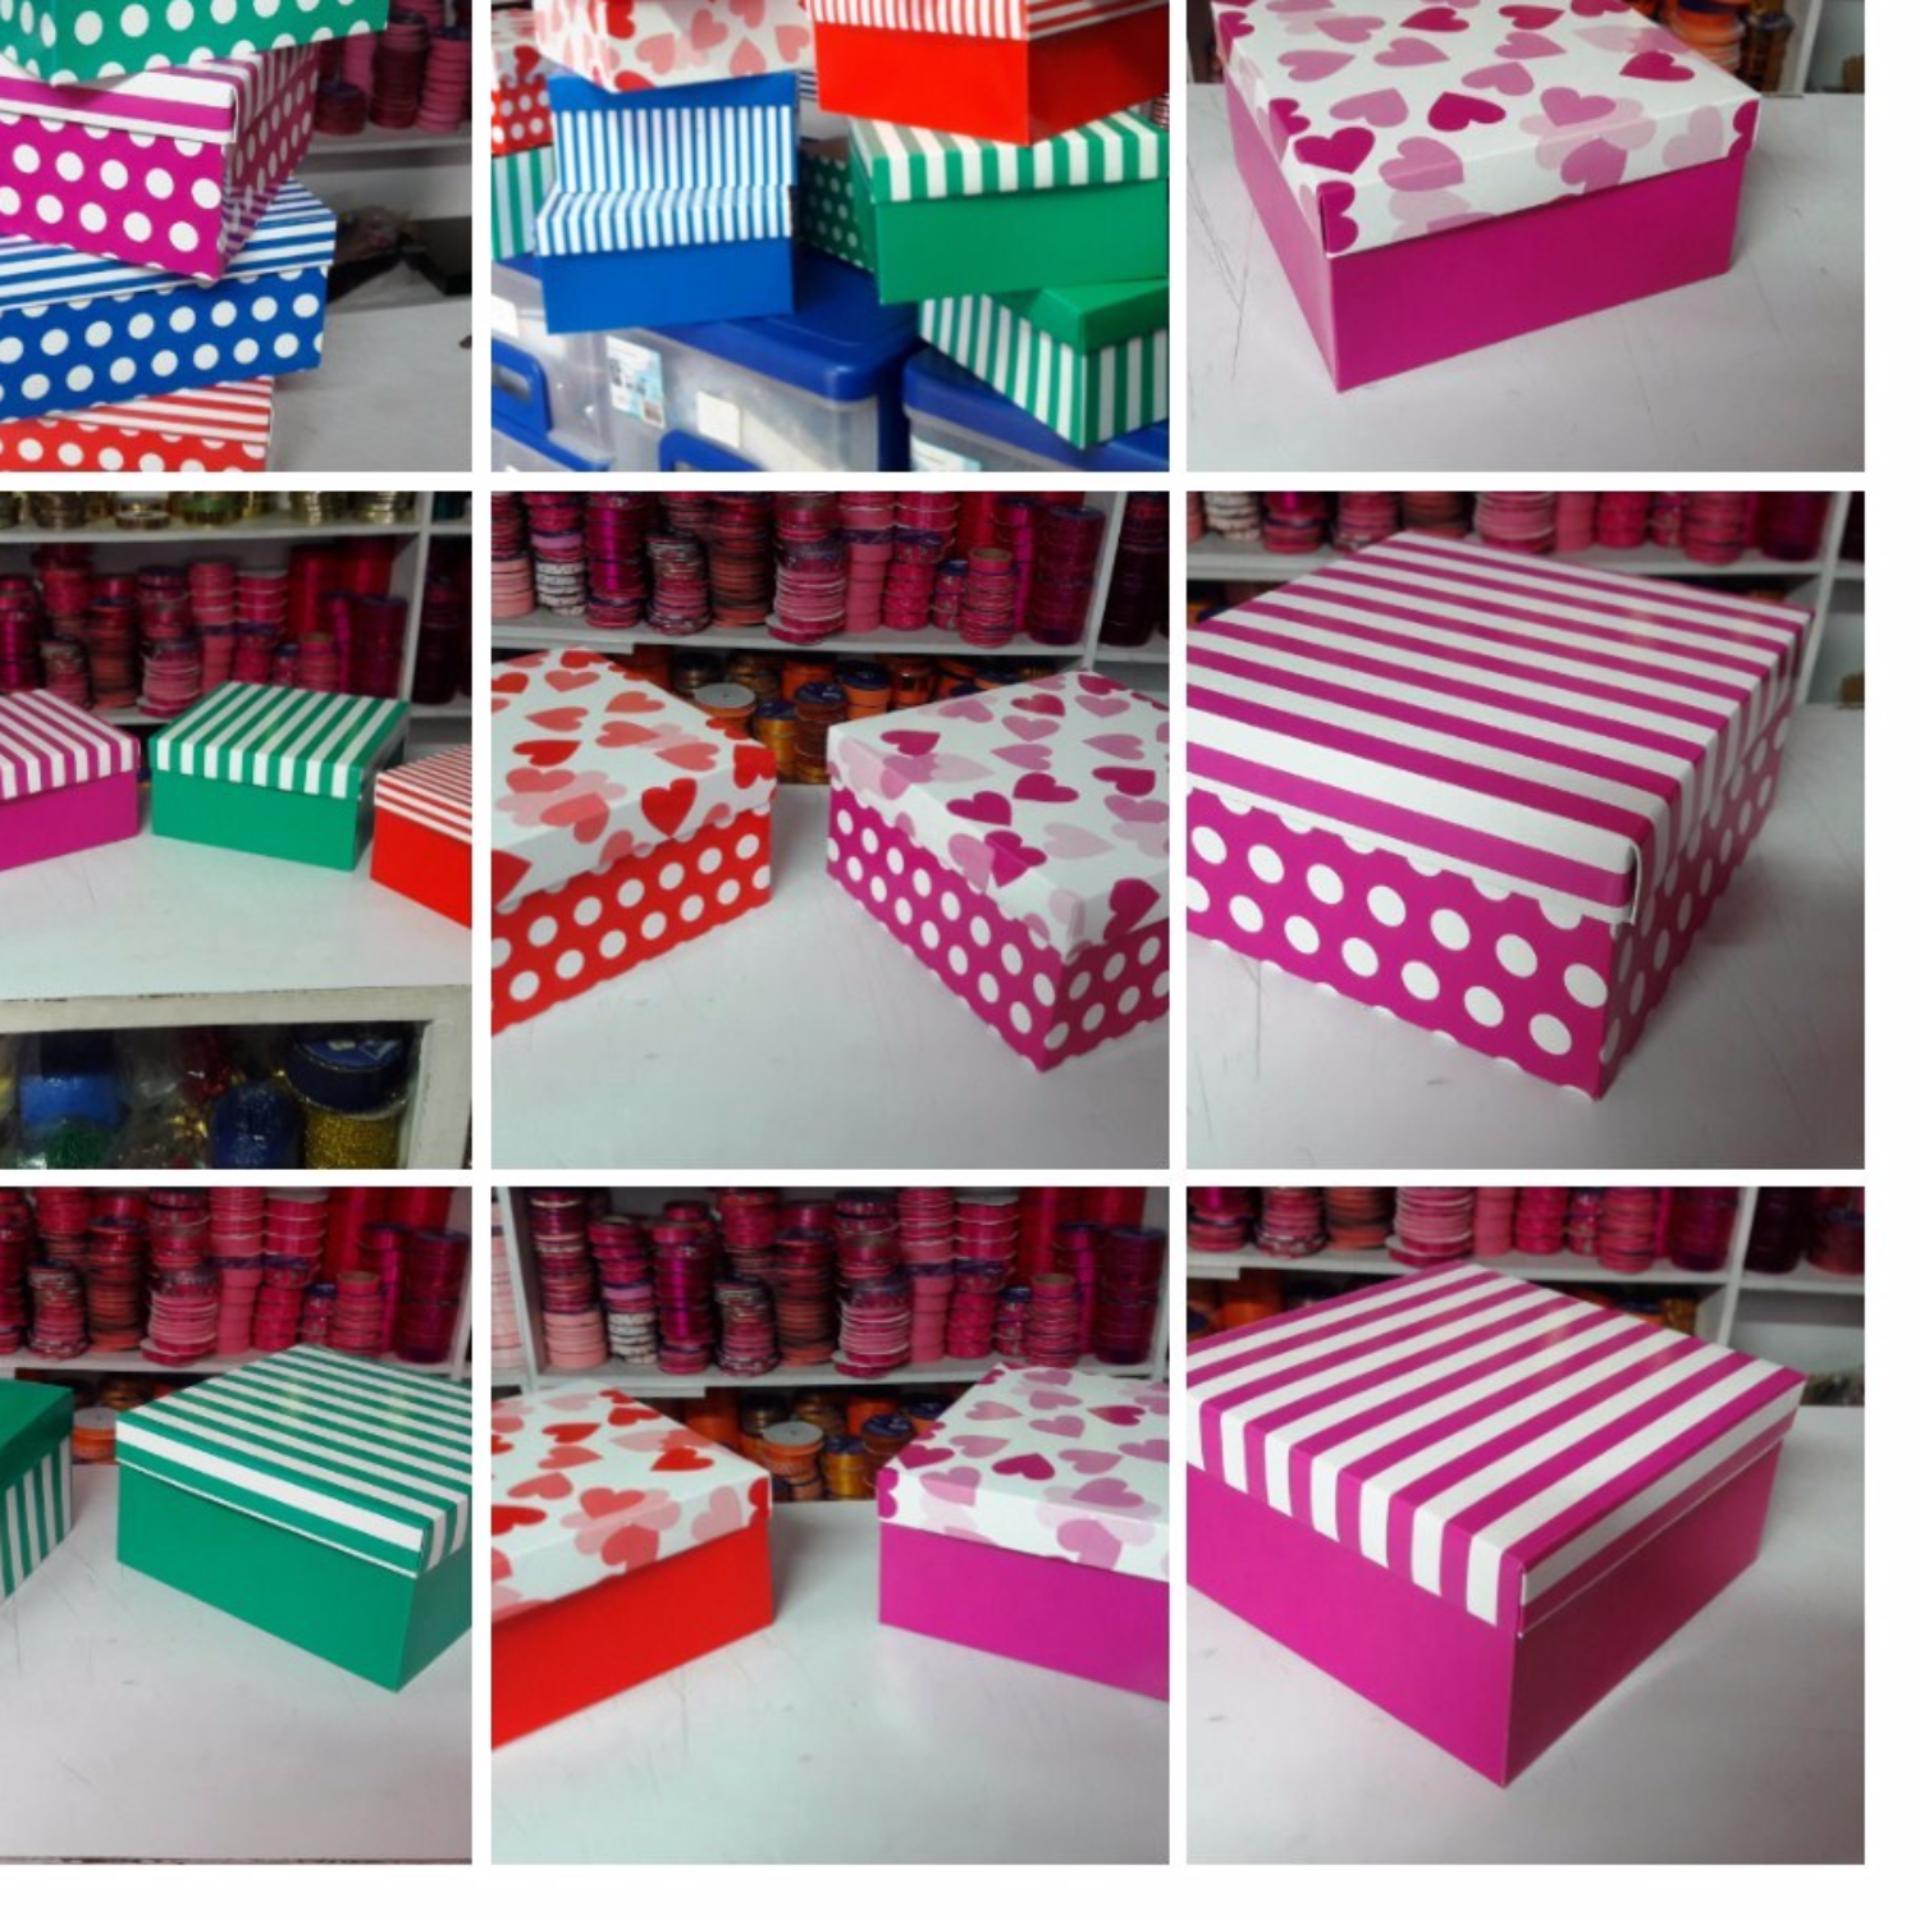 Cajas Para Cupcakes Desayunos Sorpresa Empaques Regalos Tortas Chocolates Galletas Cajas Para Cupcakes Cajas De Regalo Decoradas Cajas De Carton Corrugado